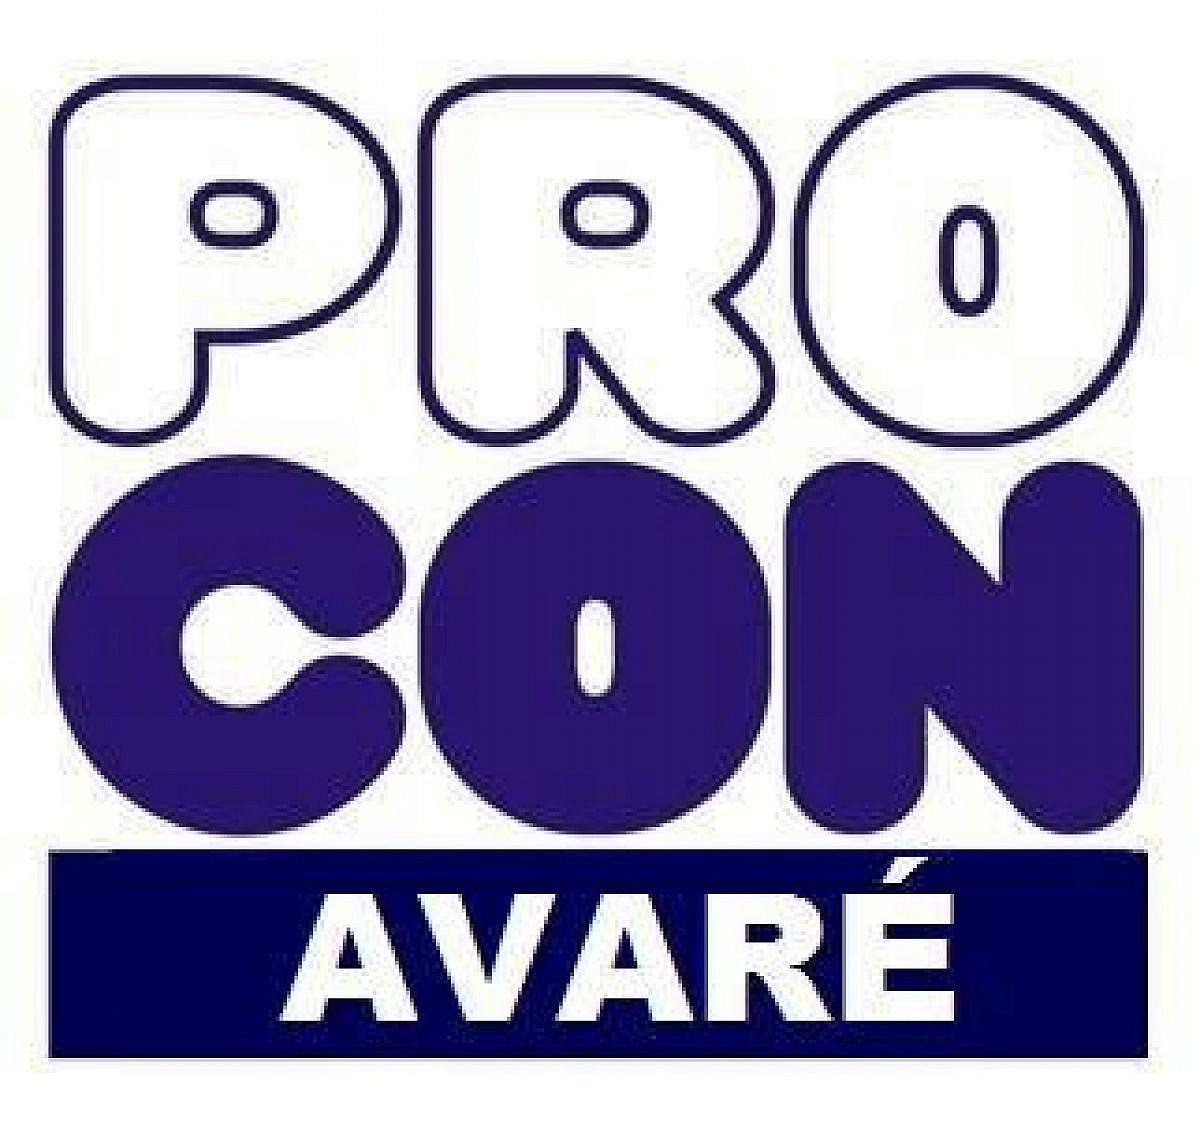 Procon de Avaré registrou 4.399 atendimentos em 2017